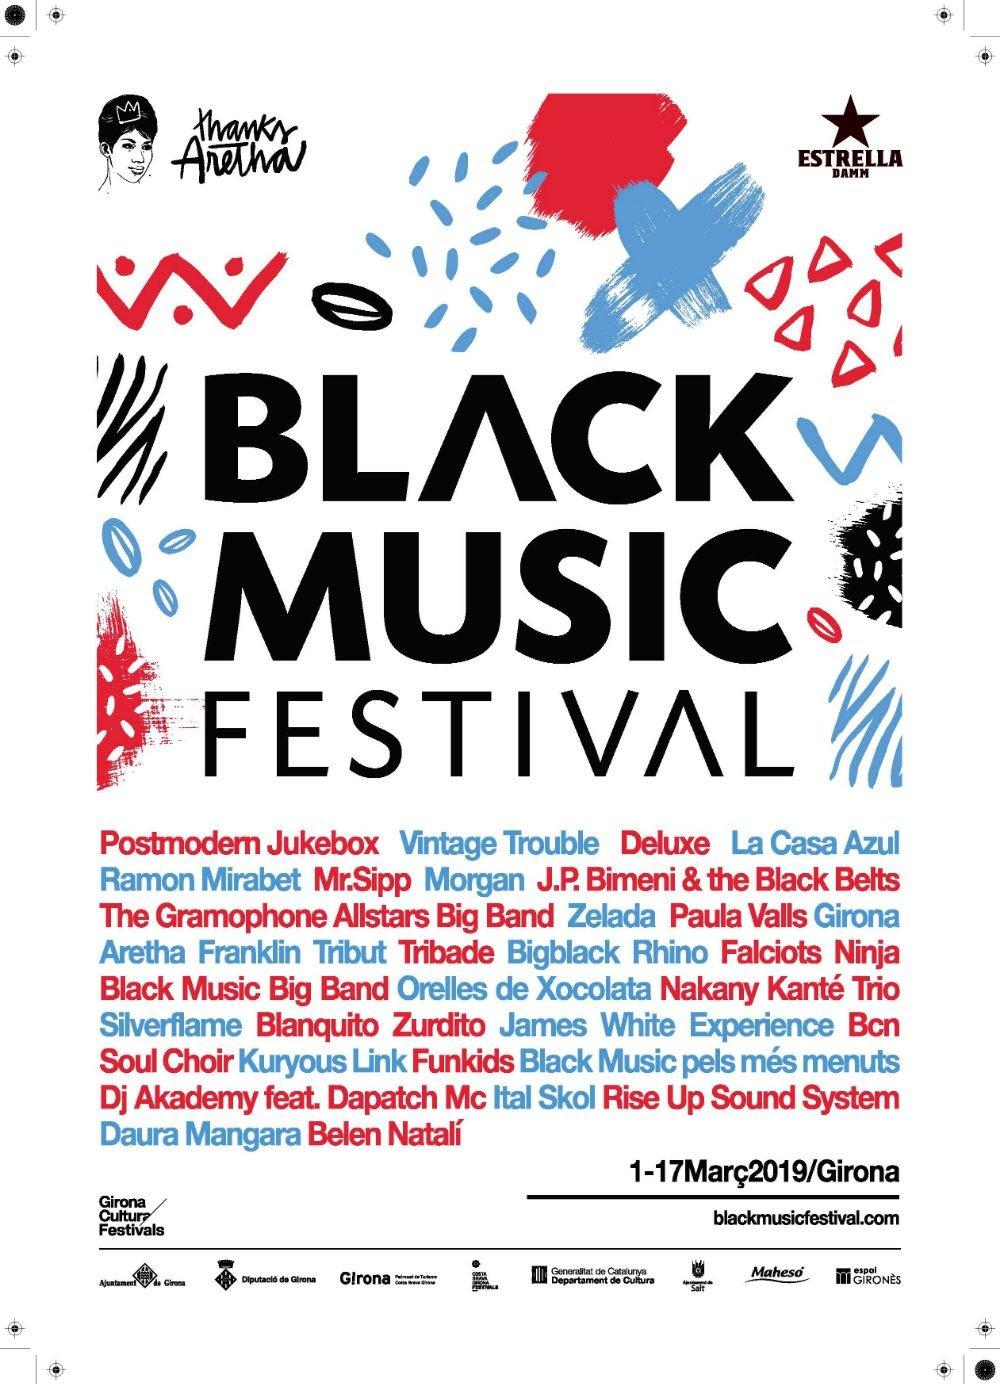 Black music festival 2019